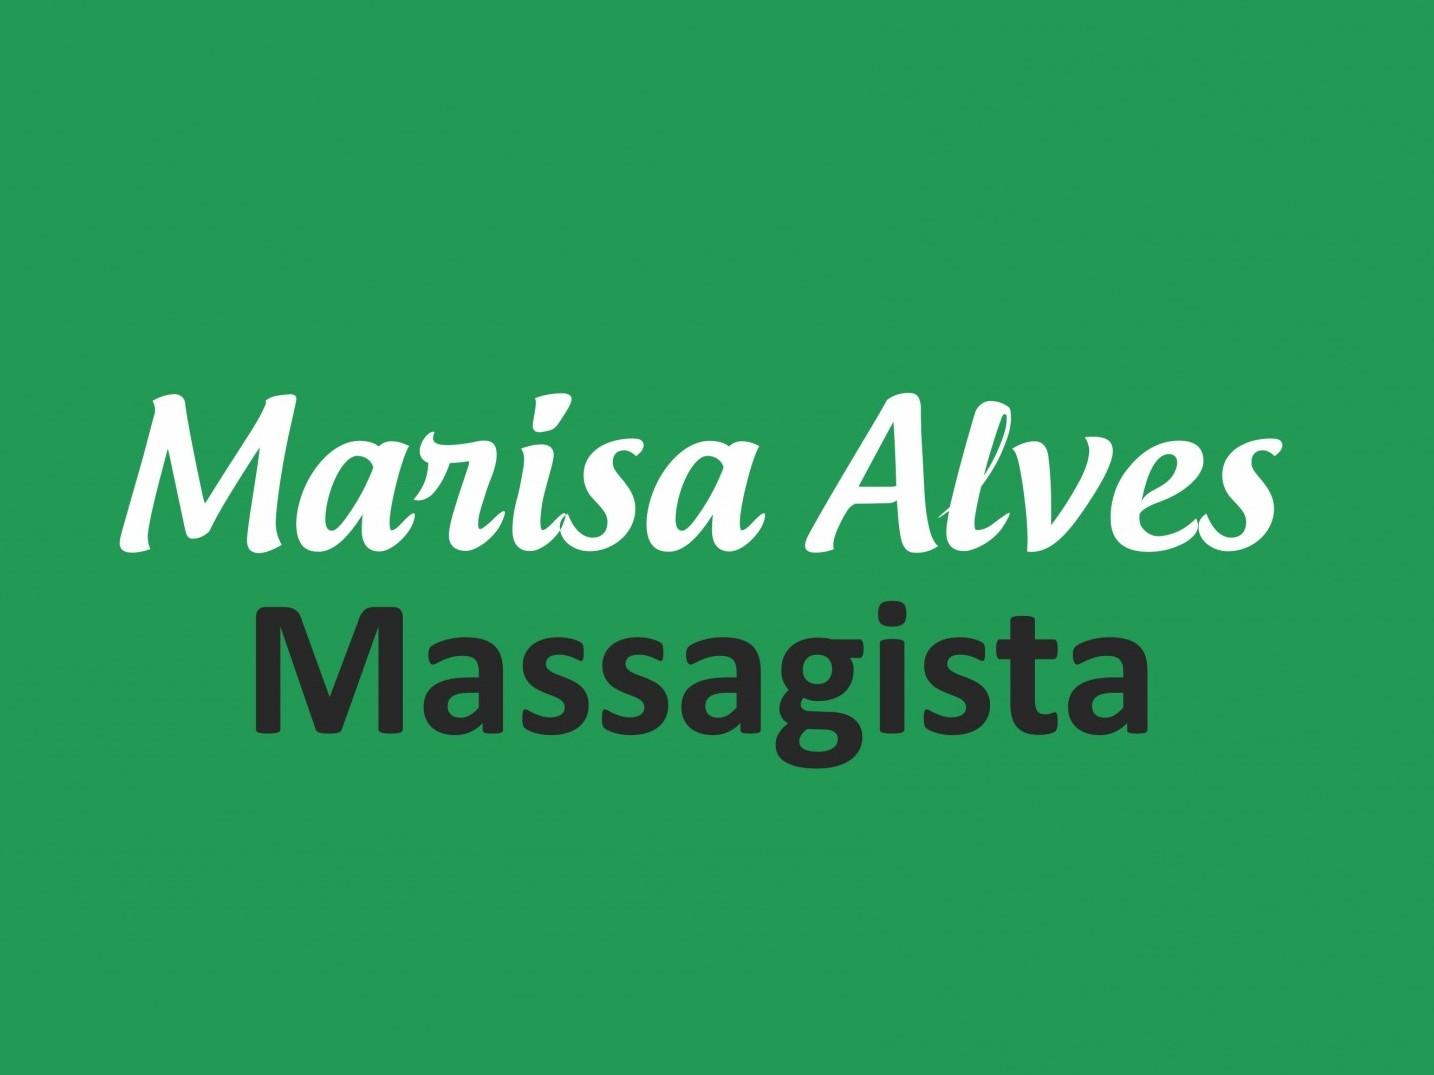 Acupunturista e Massoterapeuta Marisa Alves